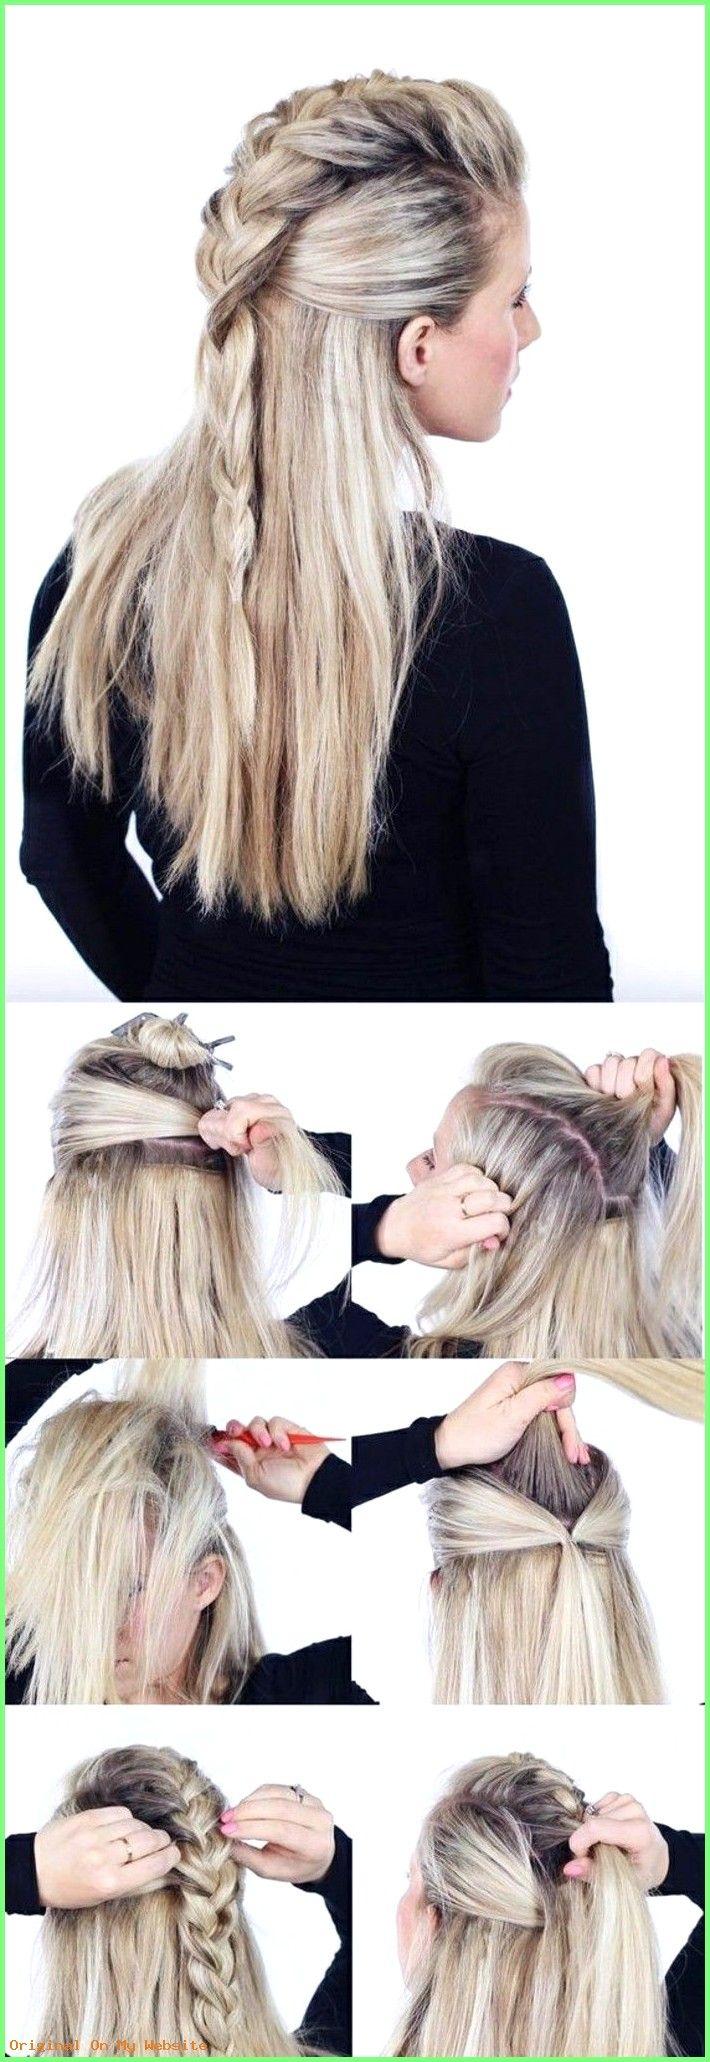 Frisuren Lange Haare 2019 – schnelle-frisuren-mittellange-blonde-glatte-haare-zopf-frisieren-…